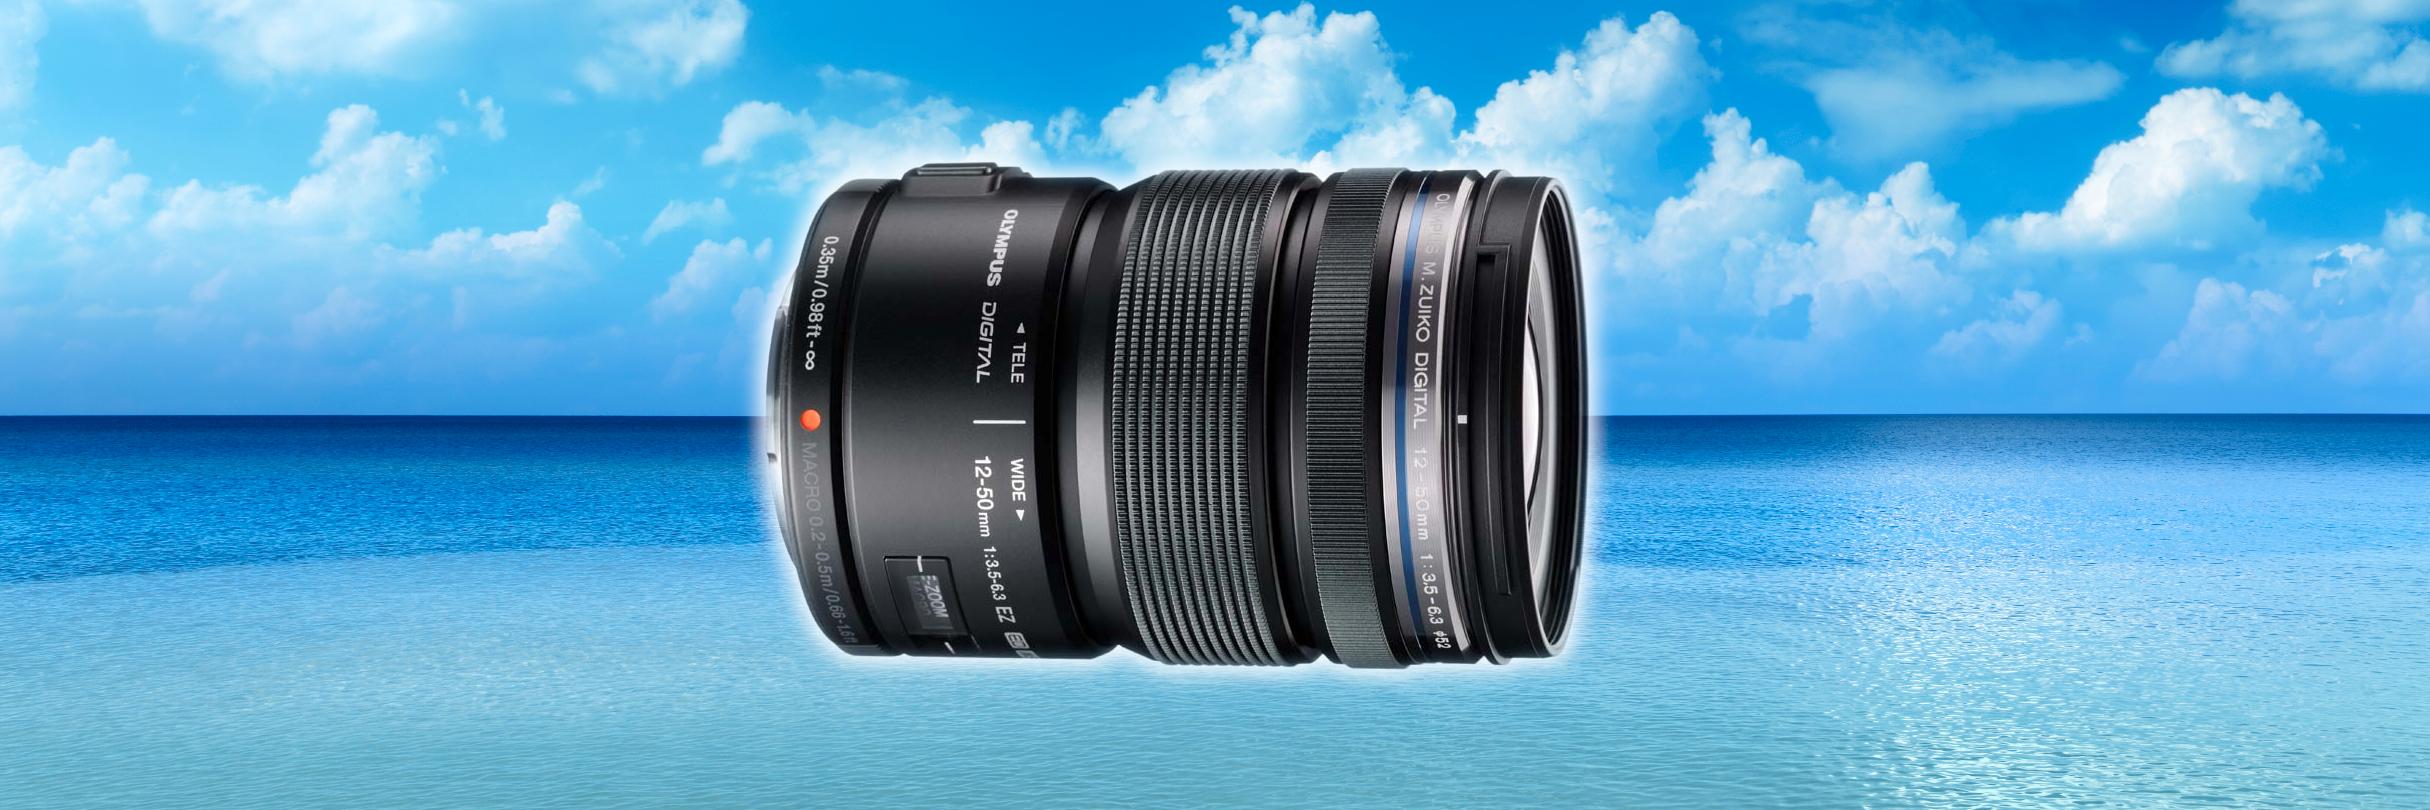 Nå får Olympus' mFT-kameraer nytt objektiv